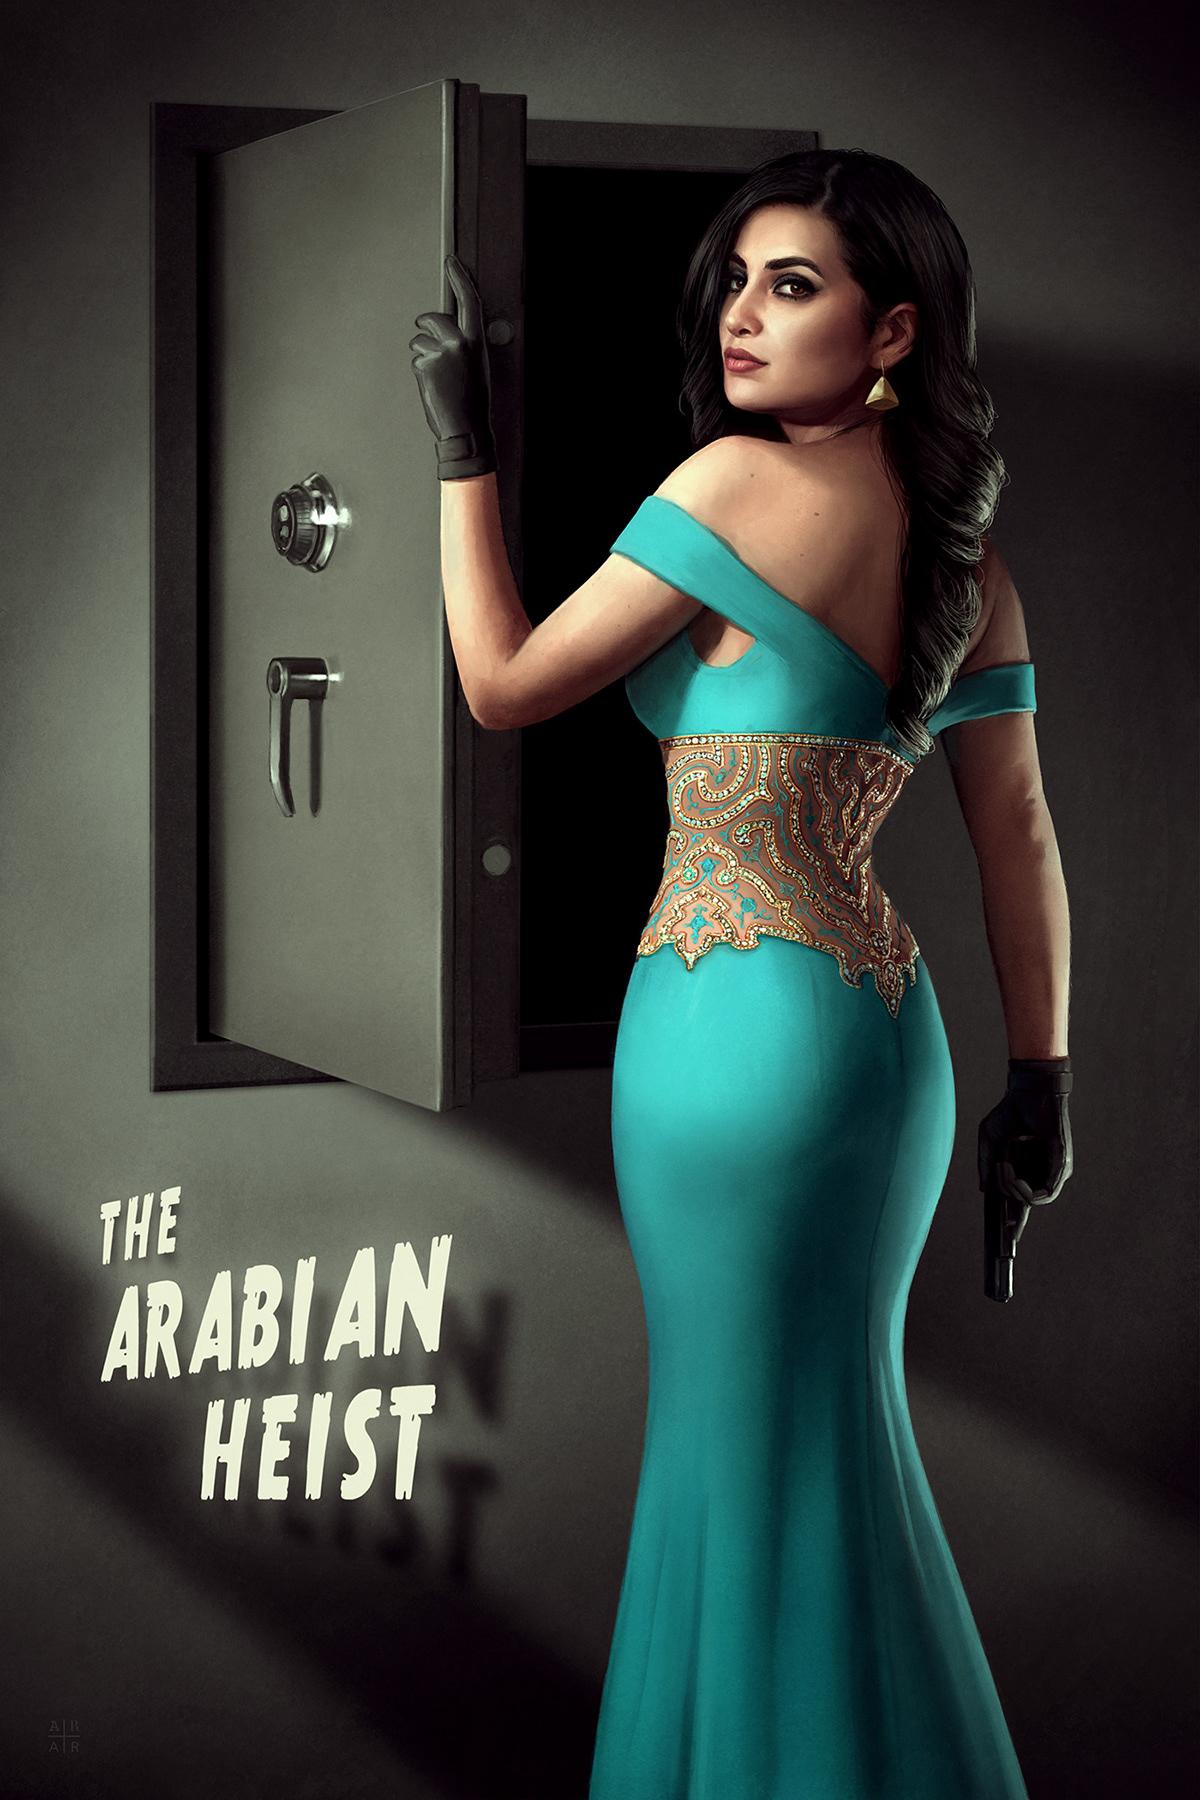 Annonces De Beurettes Et Plan Cul Avec Une Femme Arabe Ou Beurette